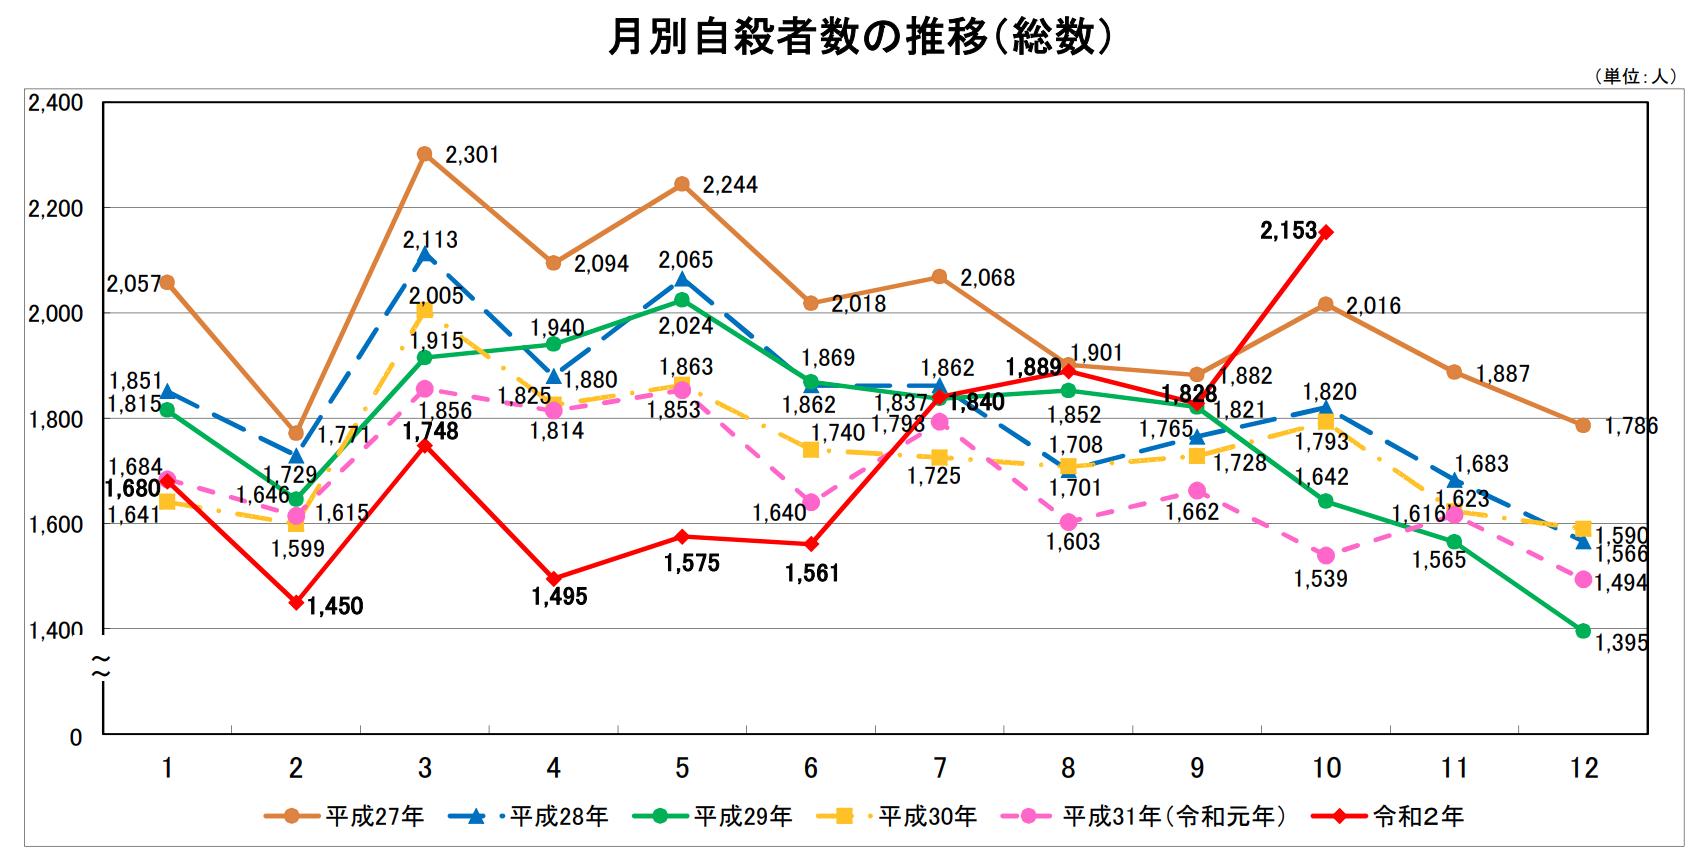 【日本】自殺者数、7月から増加傾向に転じ、10月は急増。年前半は例年より大幅減 2